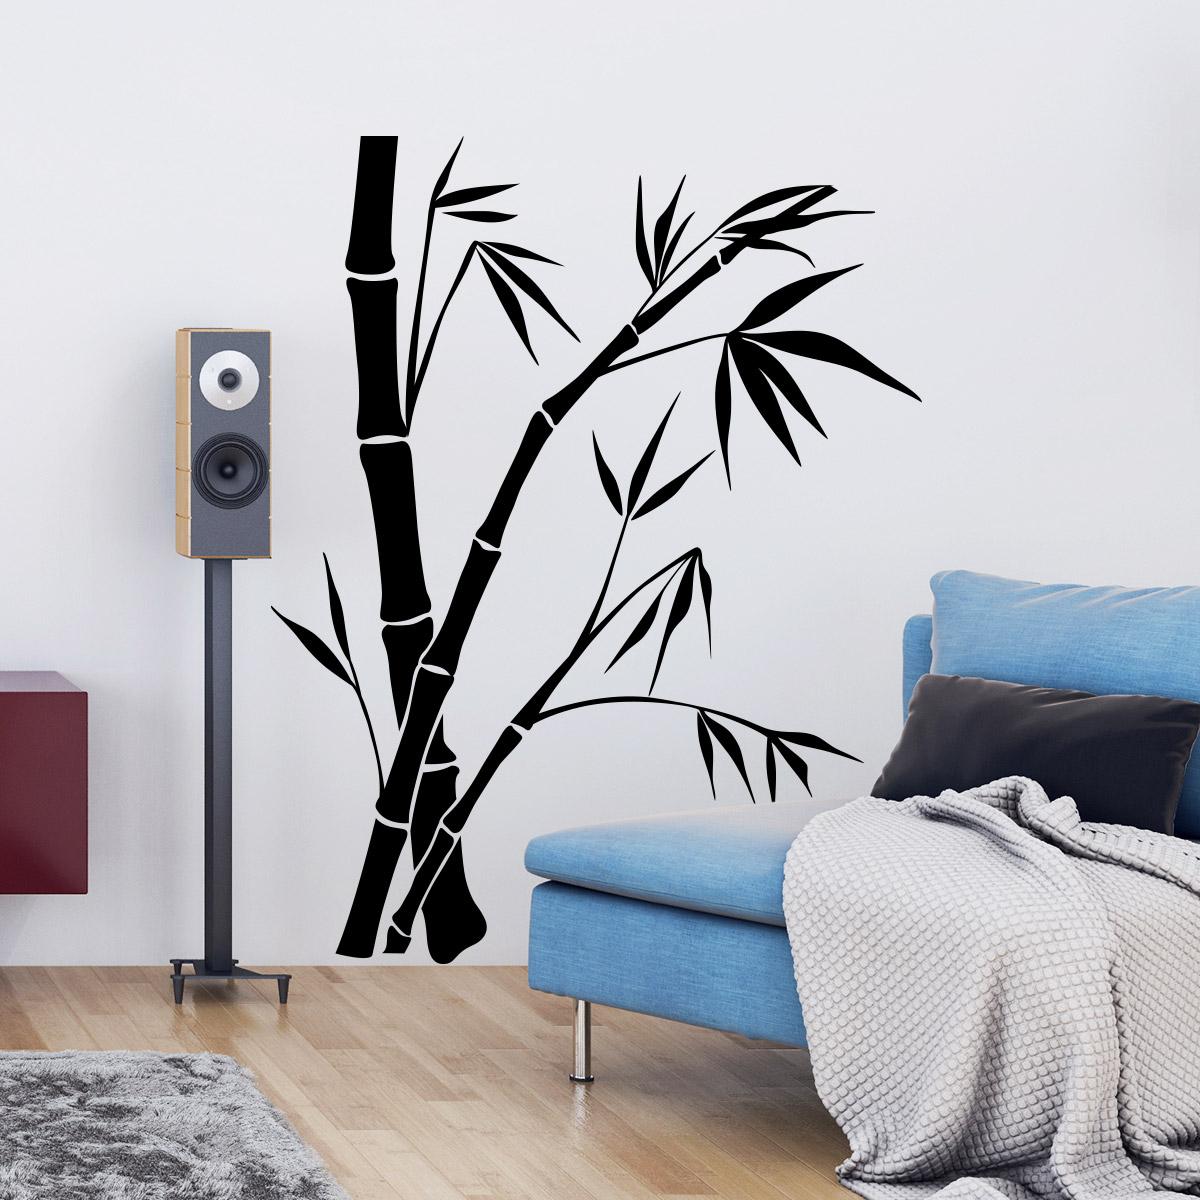 Stickers Muraux Bambou ~ Toutes les Idées Sur la Décoration ...